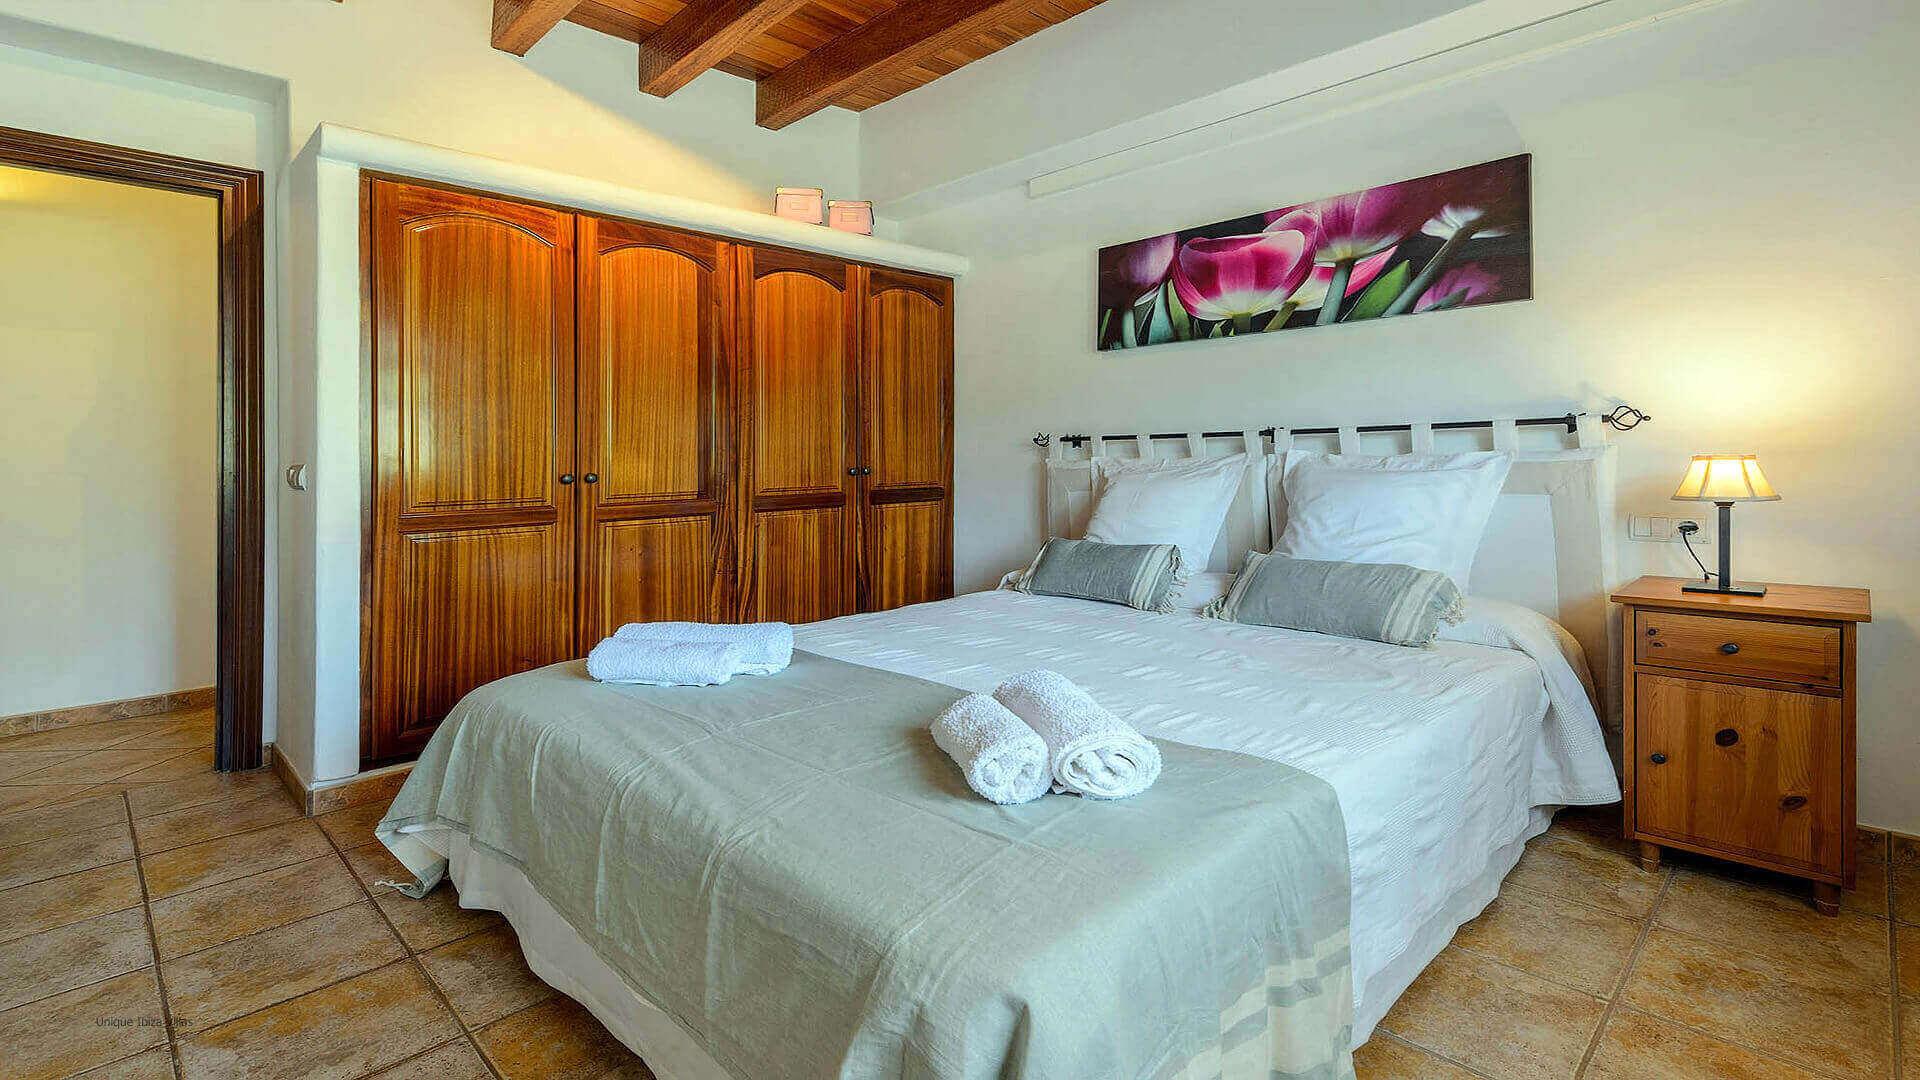 Curreu III Ibiza 33 Bedroom 1